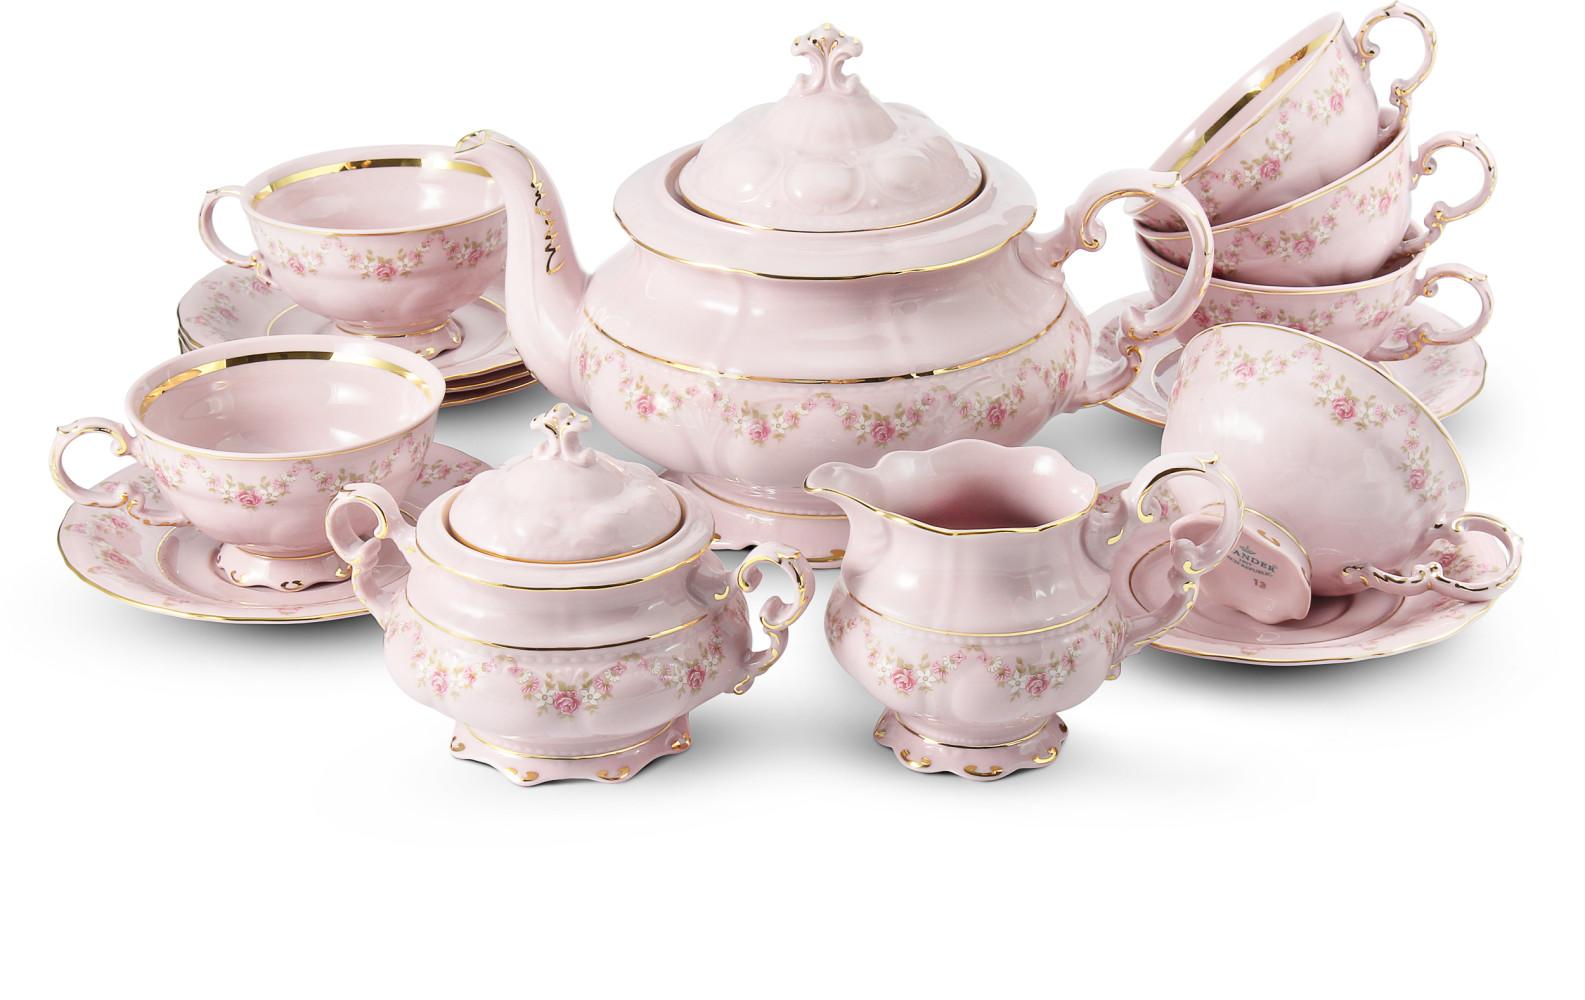 Čajová souprava 15 dílná Girlanda z růží růžový porcelán